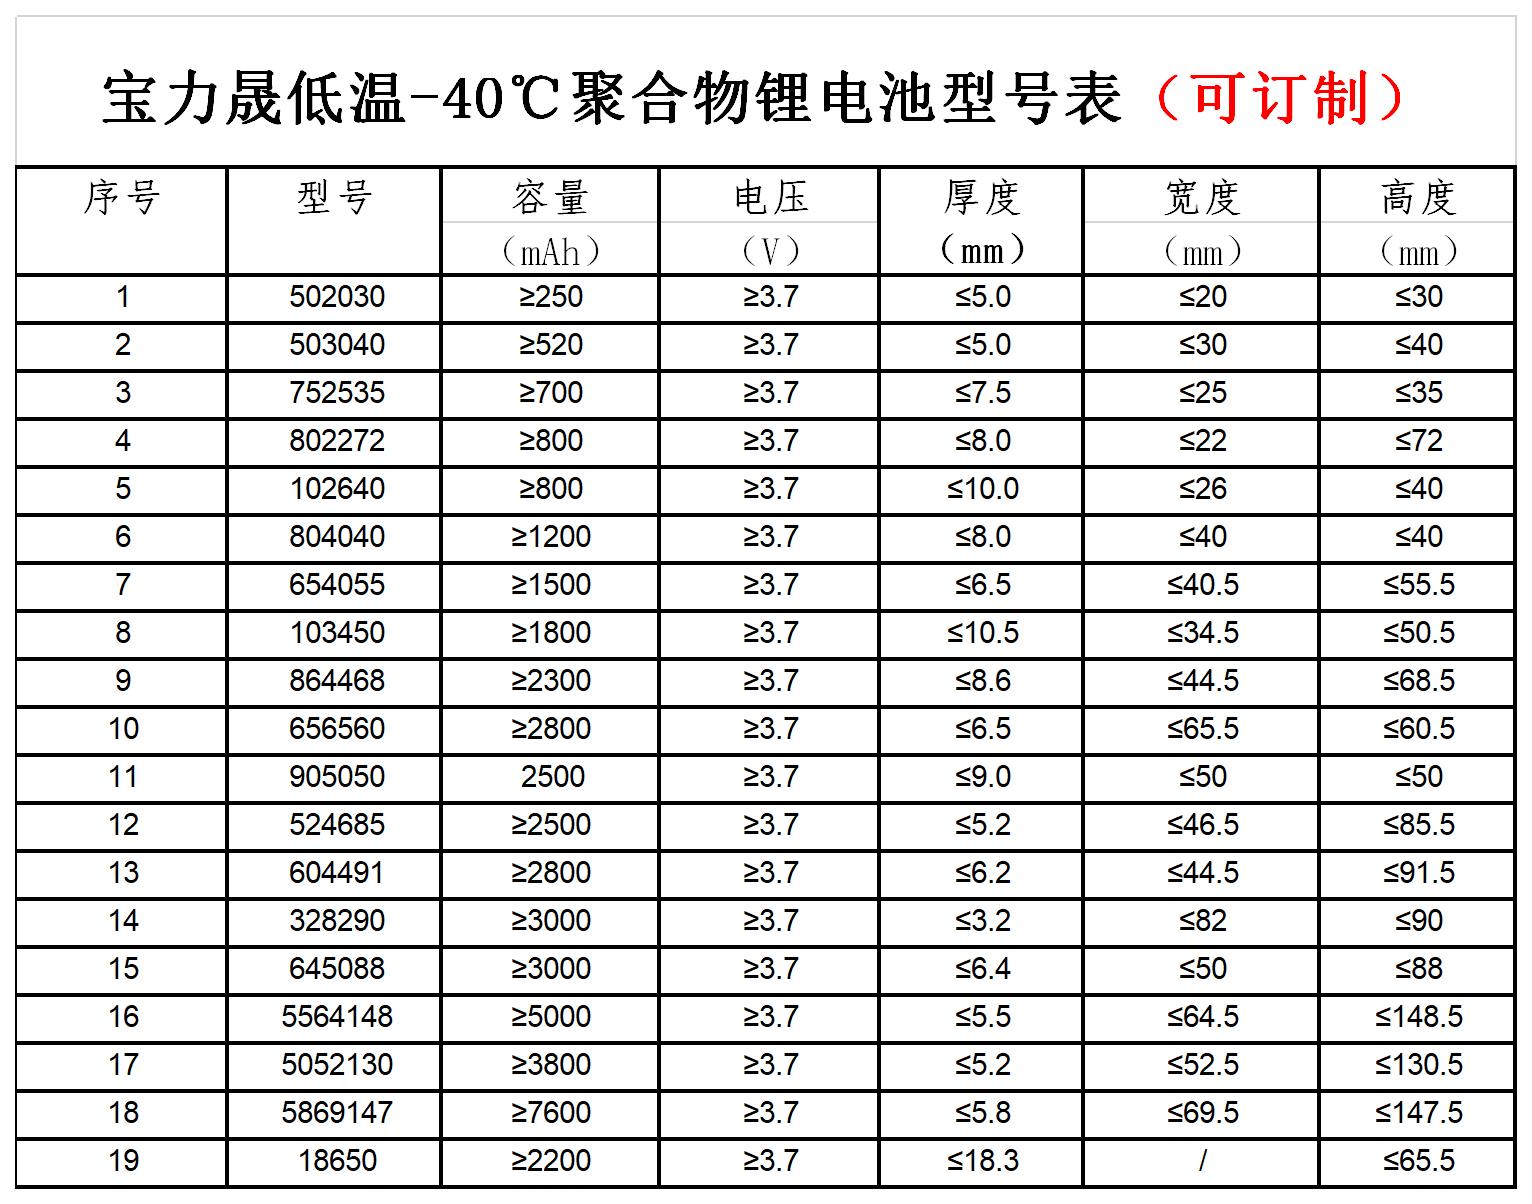 低溫聚合物規格表.png